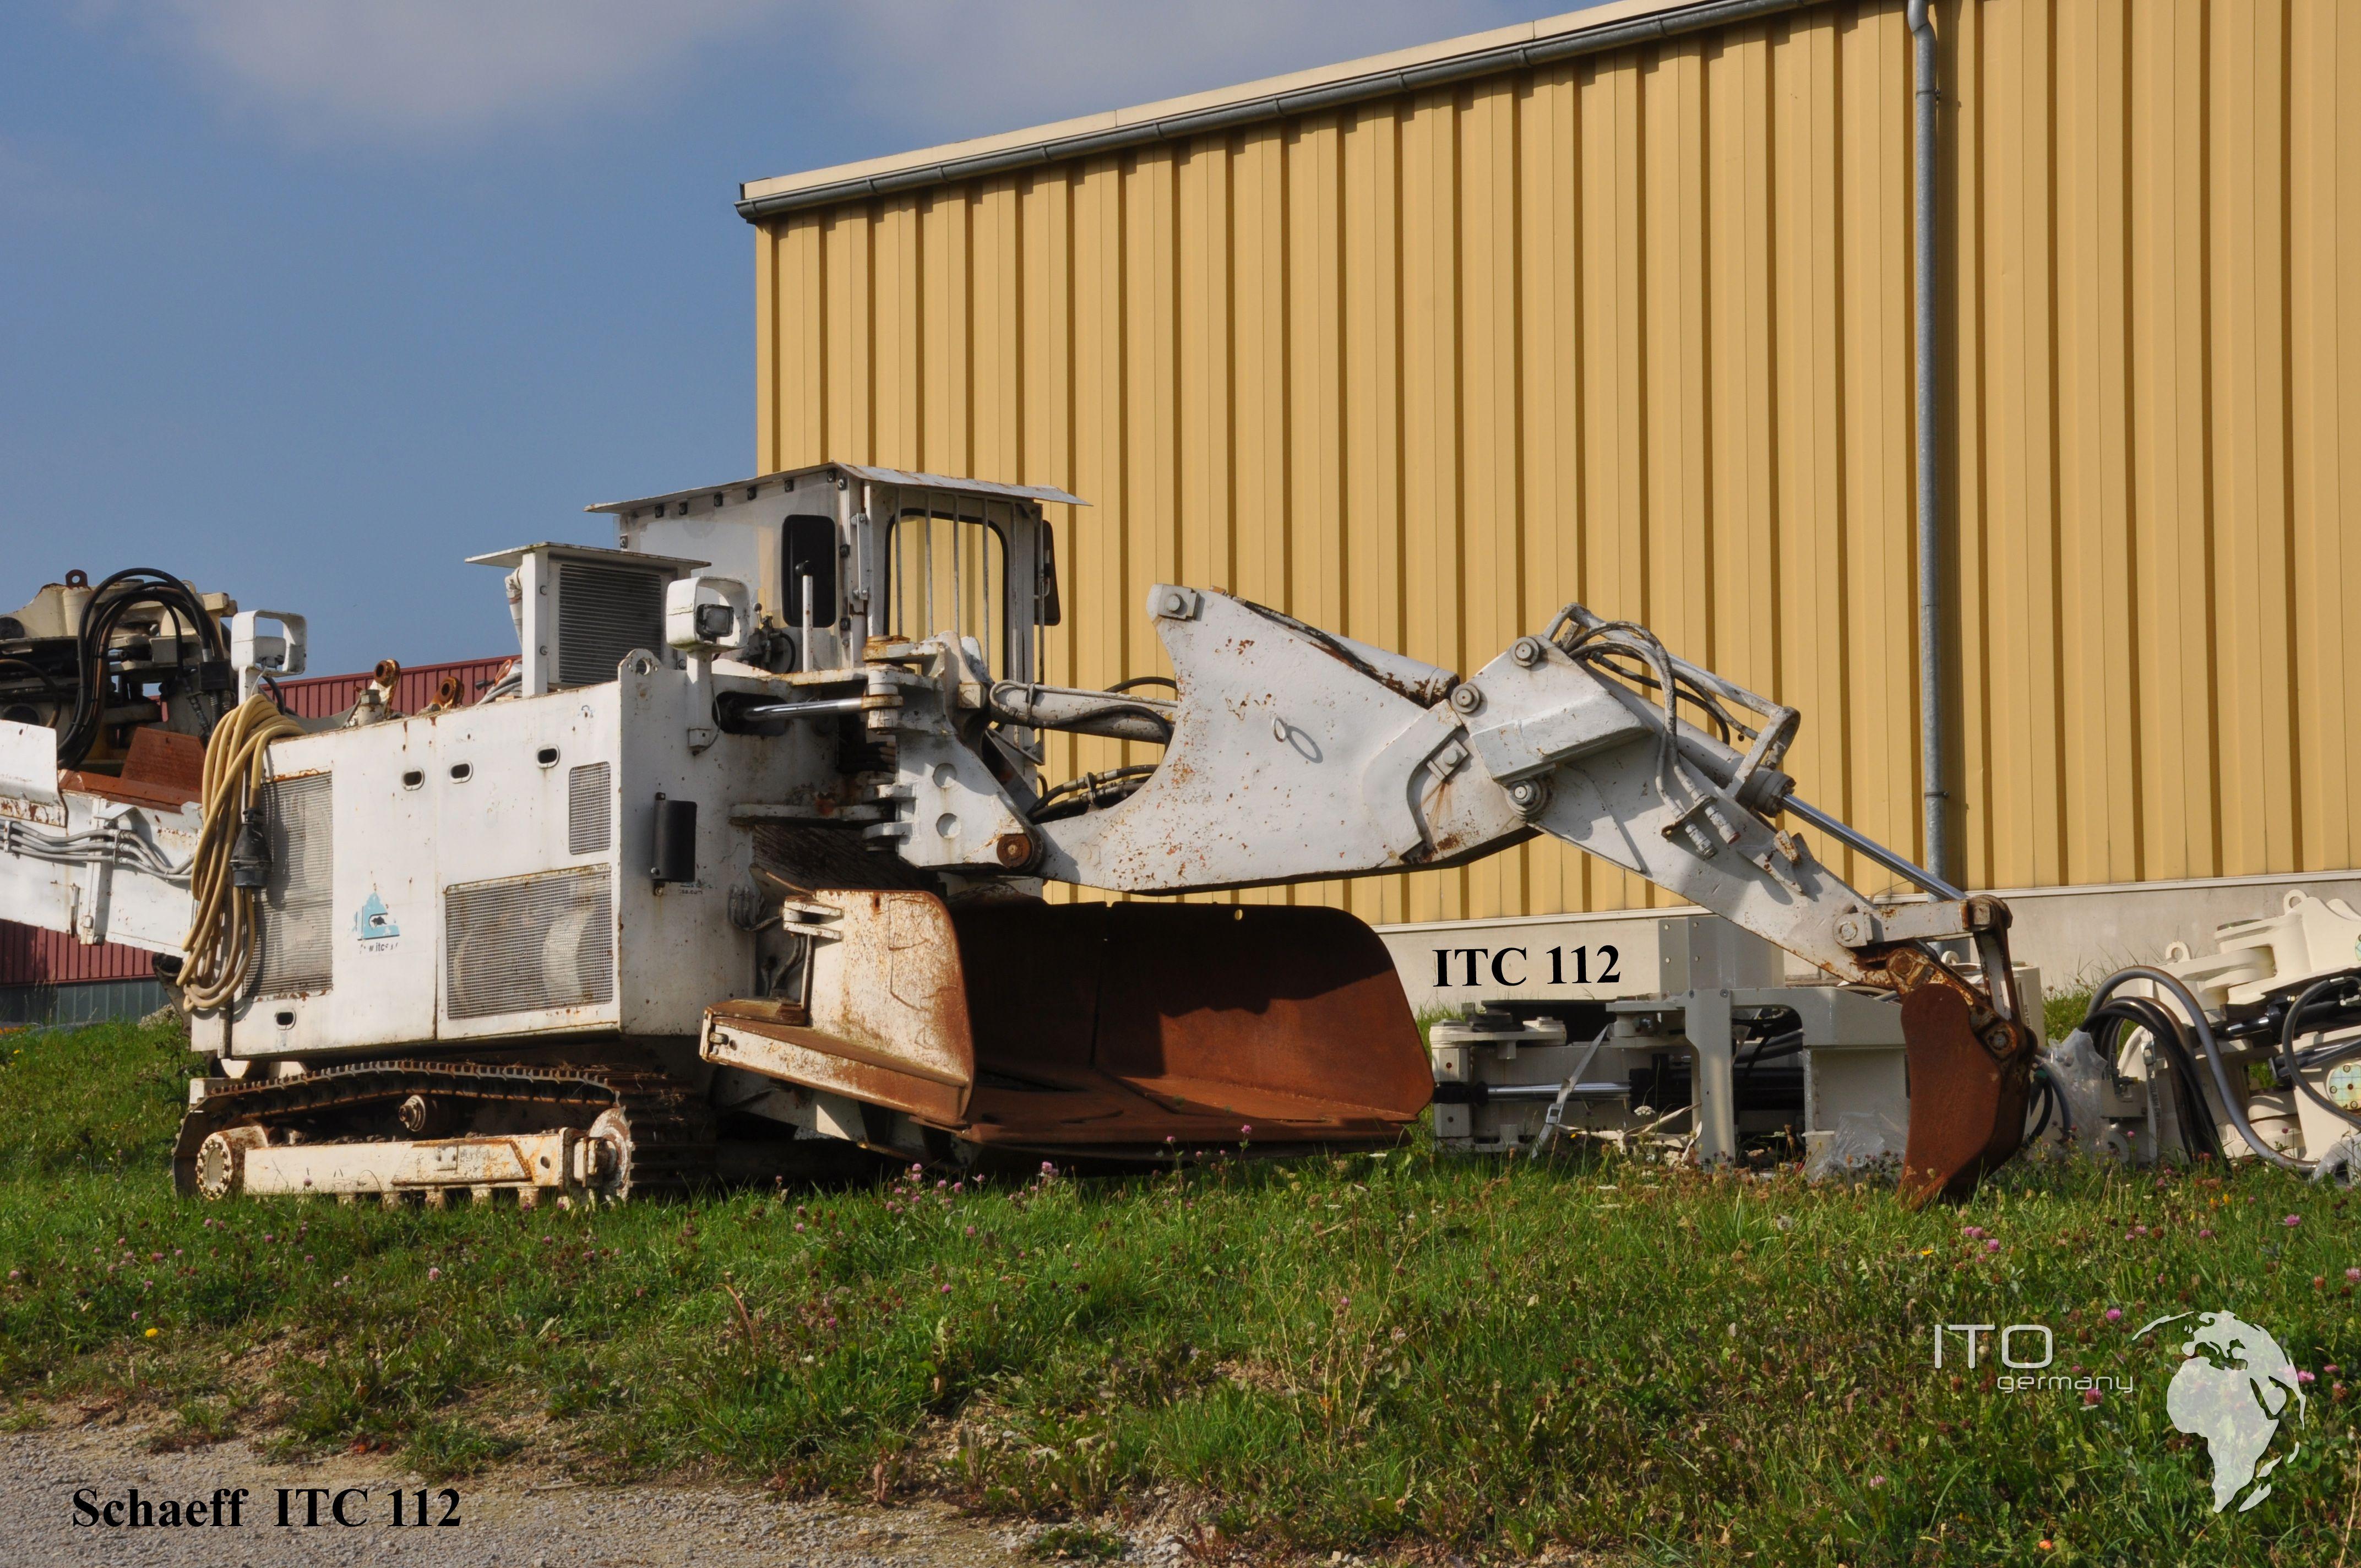 Bilder Galerie Tunnelbagger Schaeff Itc 112 In Weiß Mit Elektro Antrieb Http Www Ito Germany De Kaufen Gebrauchter